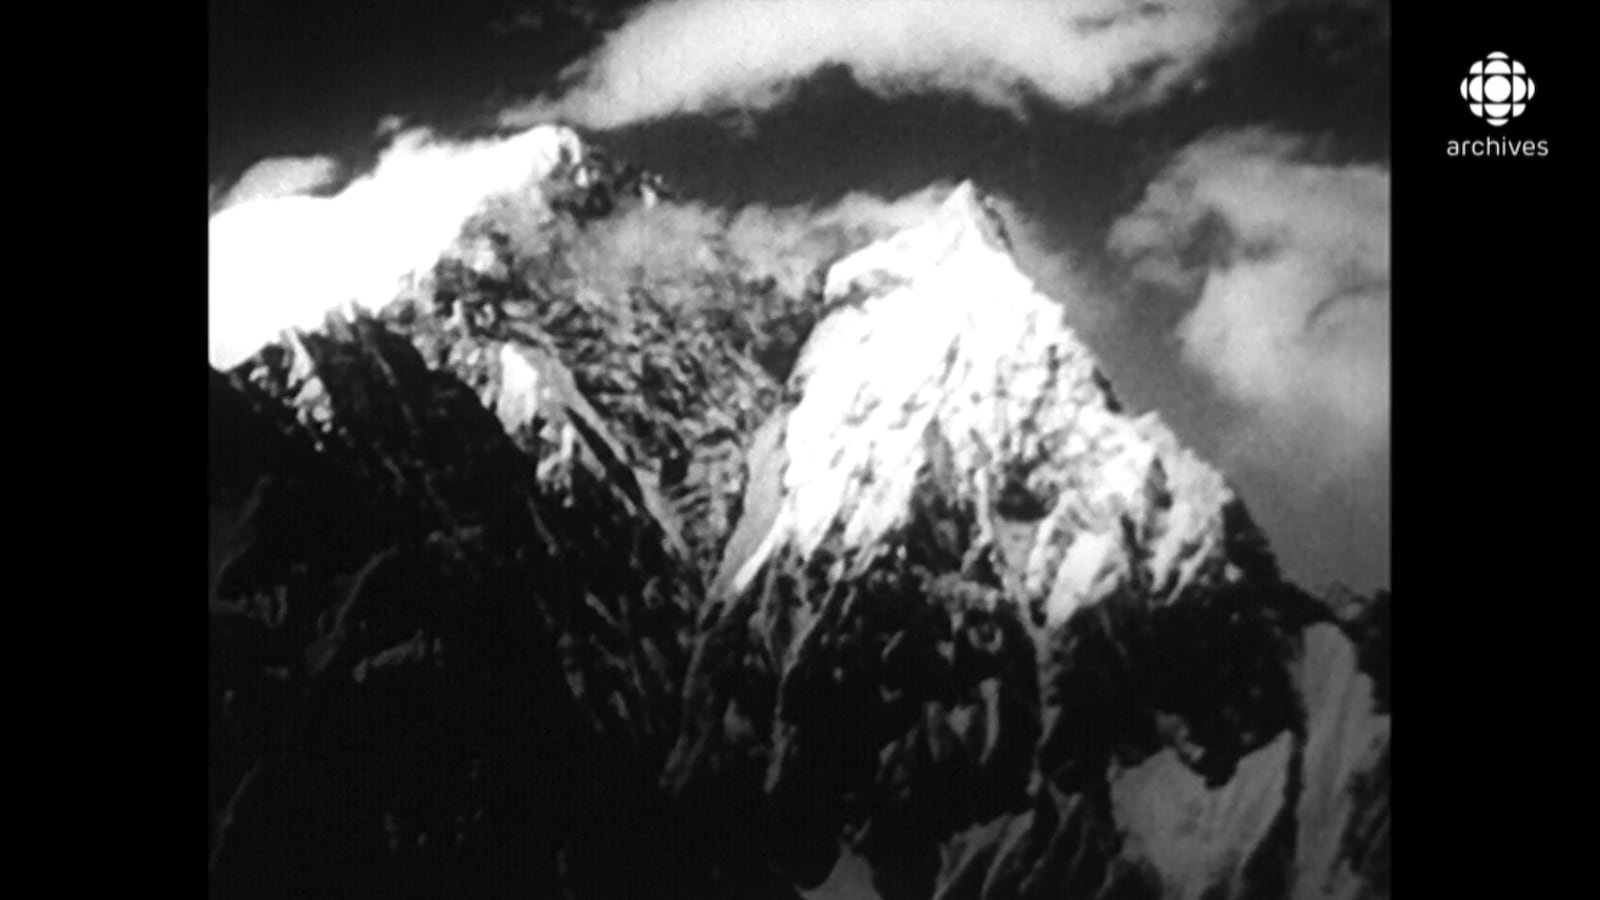 Le sommet enneigé de la montagne Annapurna au Népal.